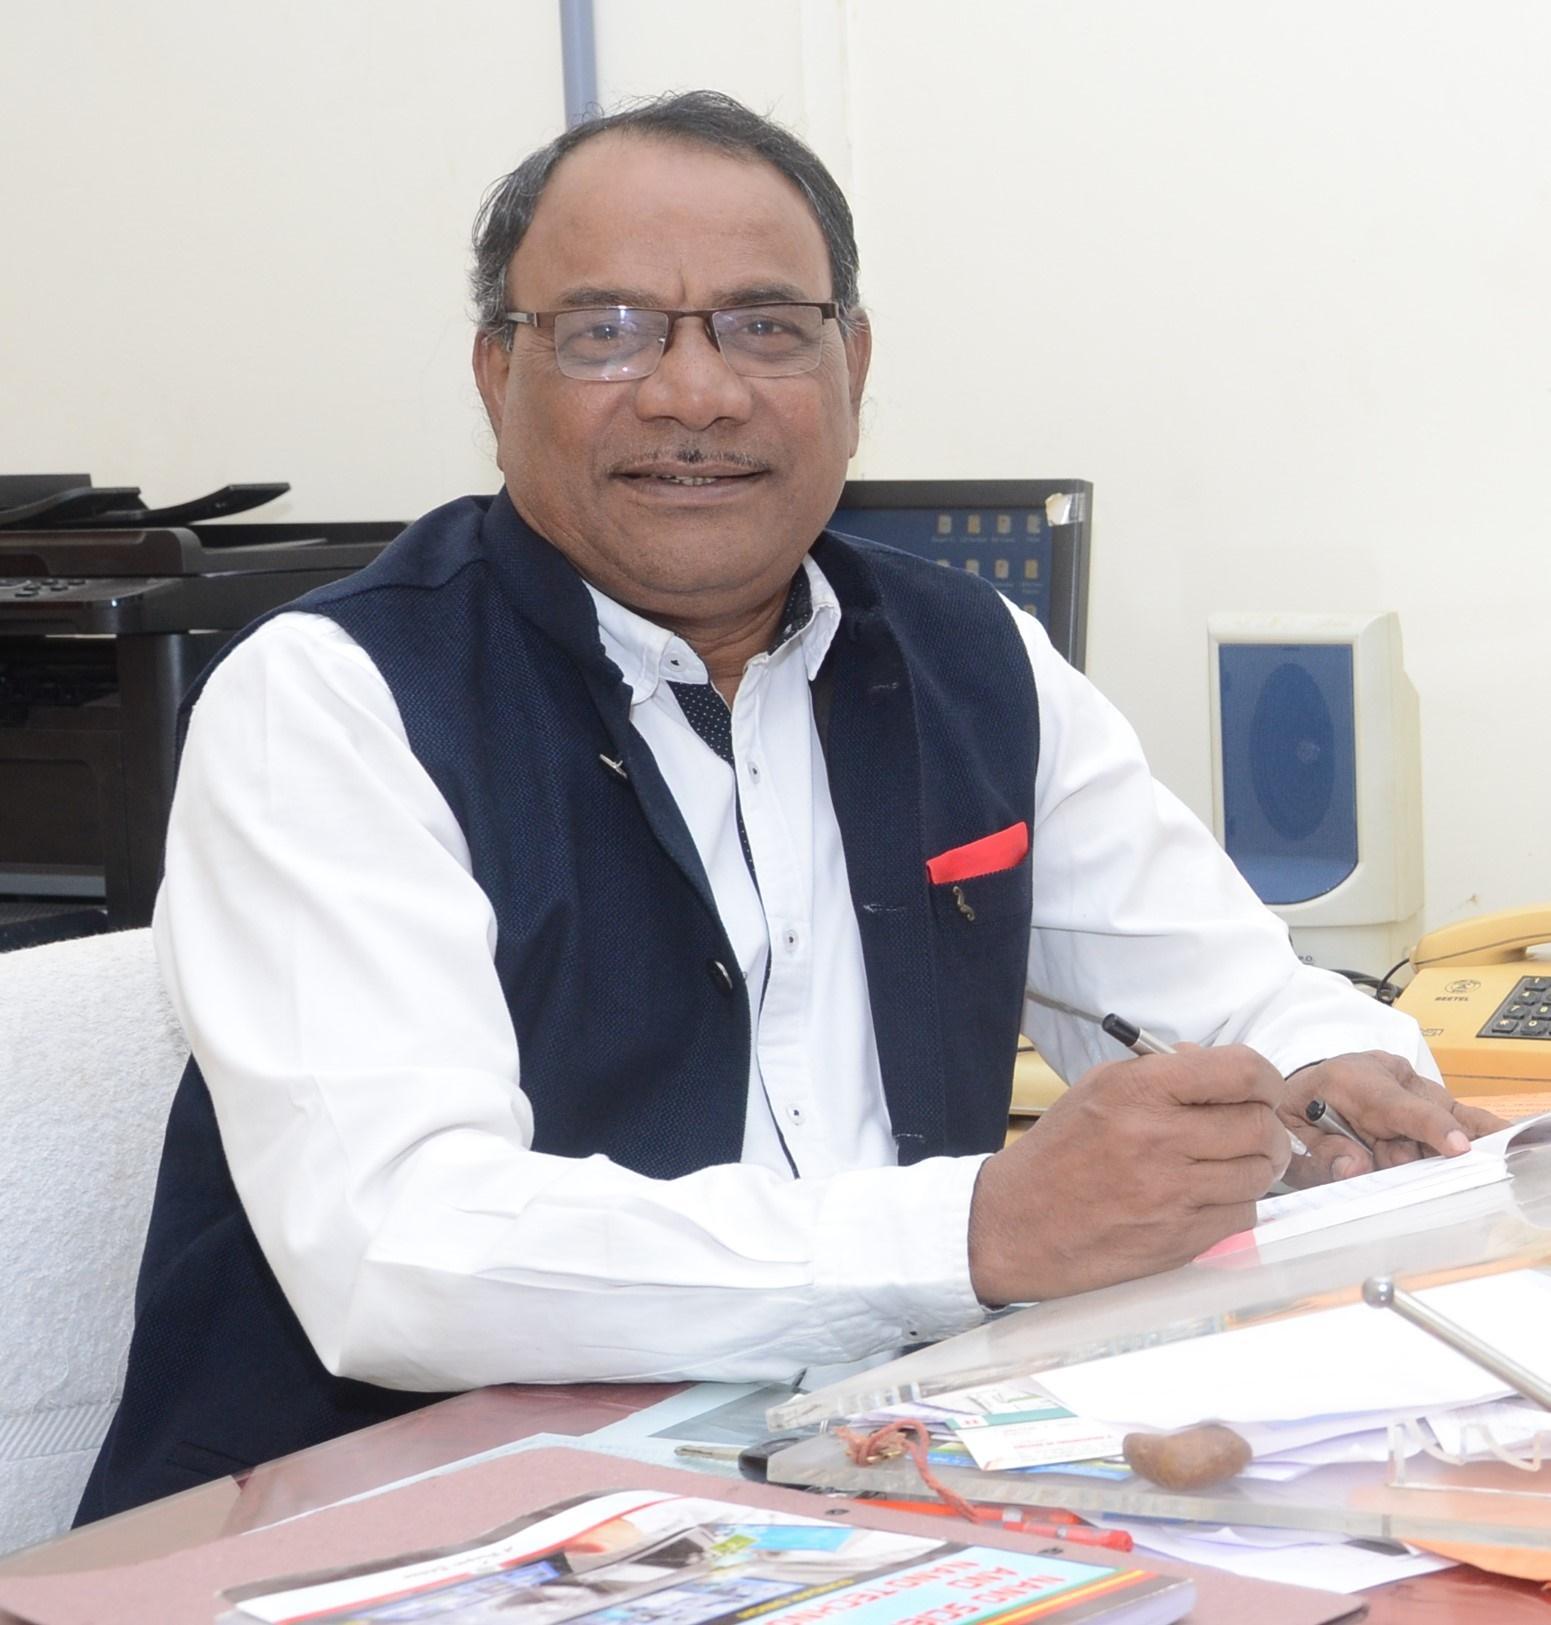 Dr. S. K. Omanwar Sr